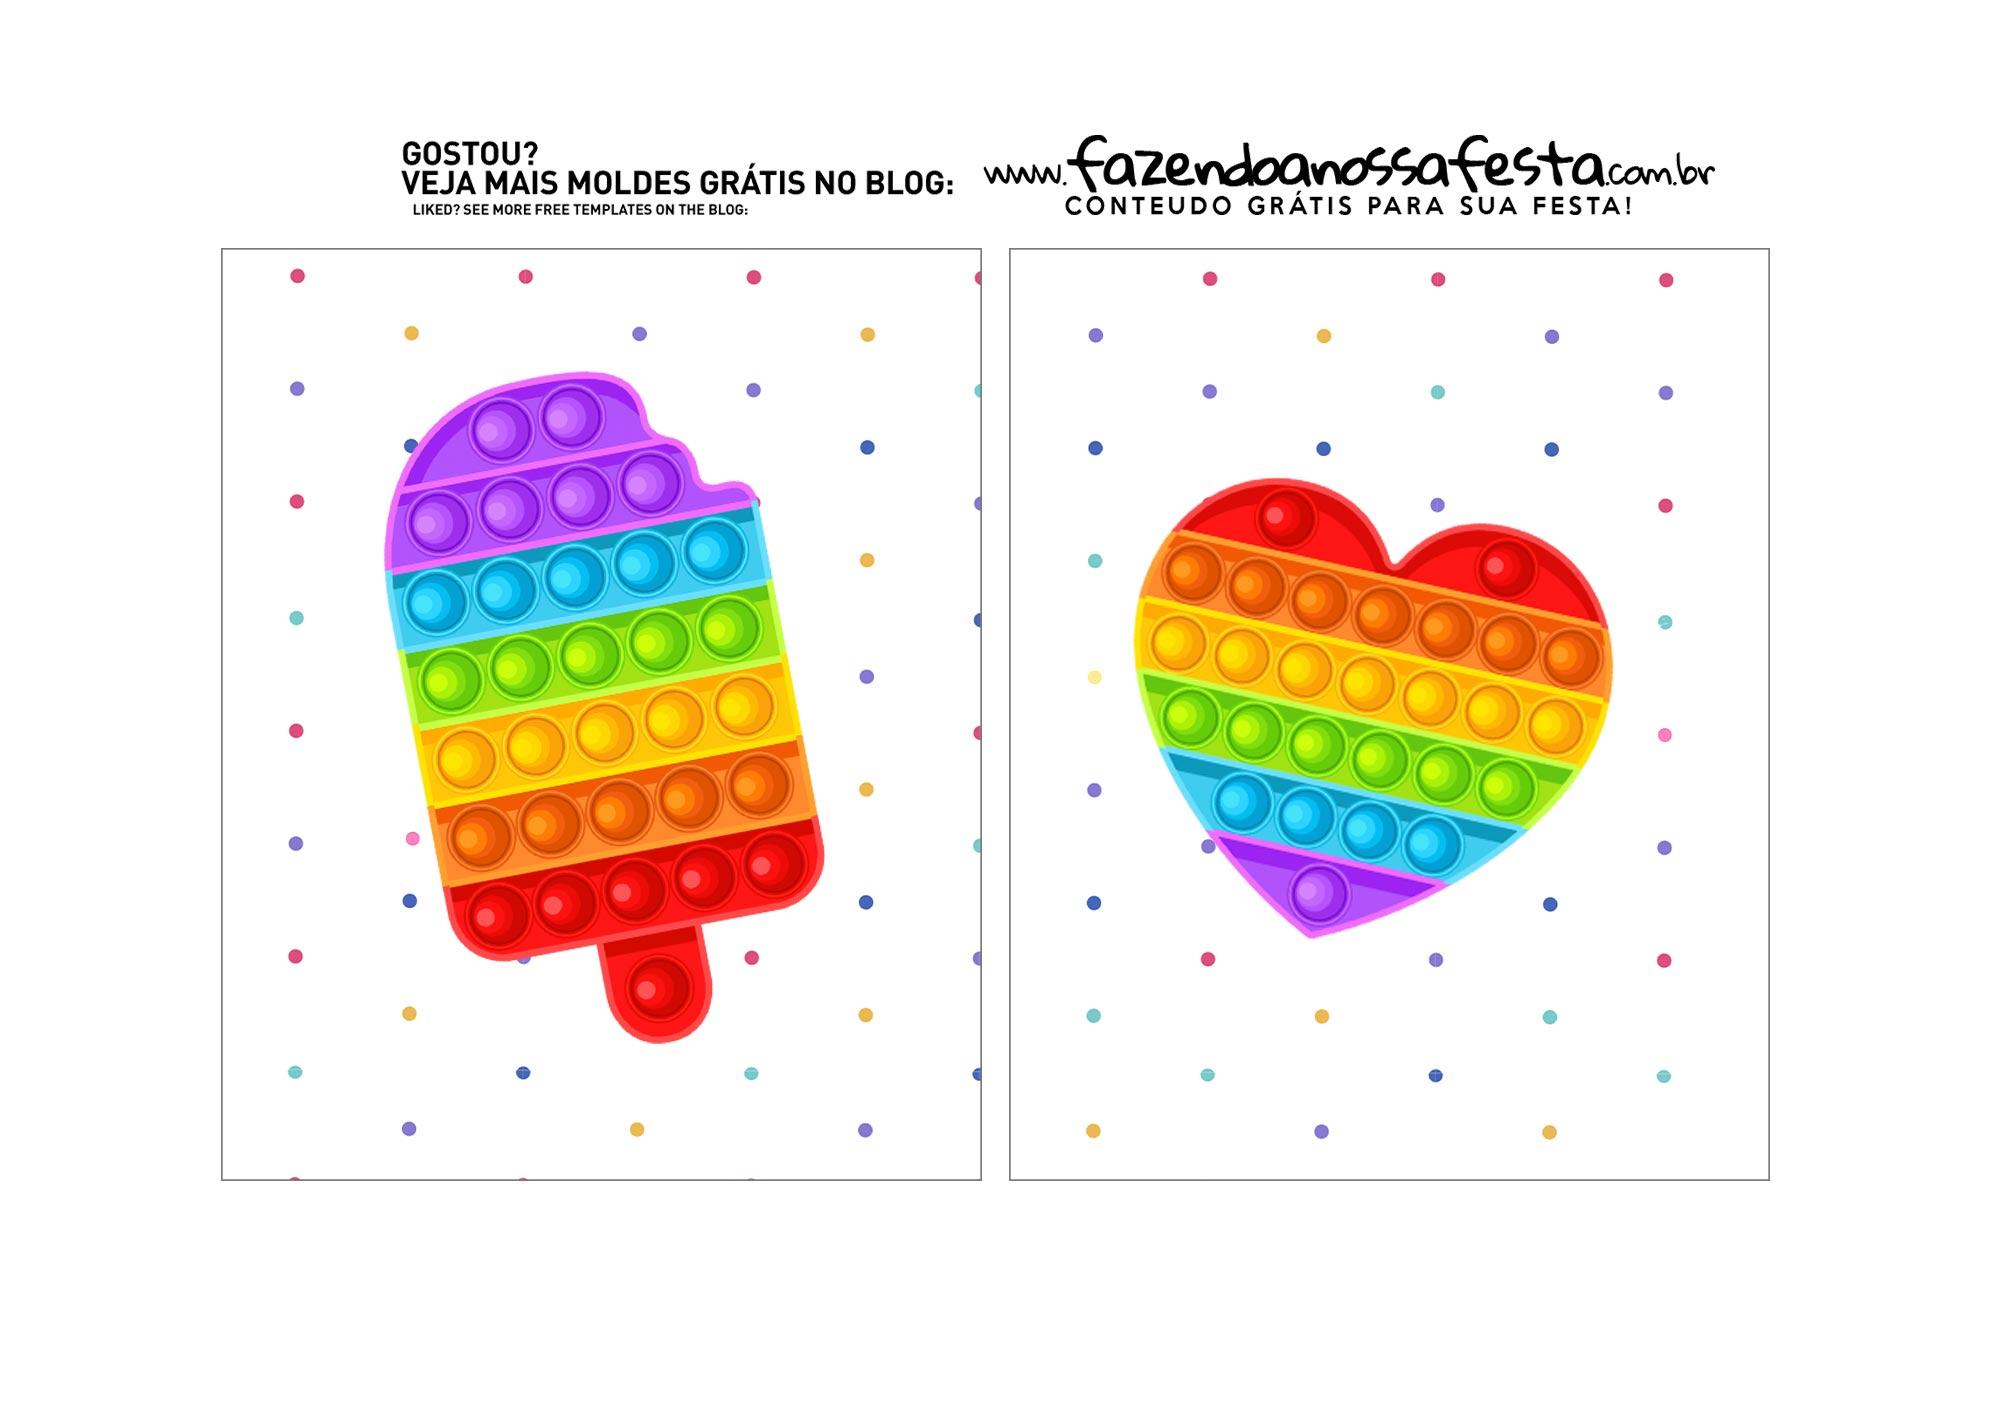 caixa mini confeiteiro para o dia das crianças Abas Pequenas Internas 2 Pop It Parte 5